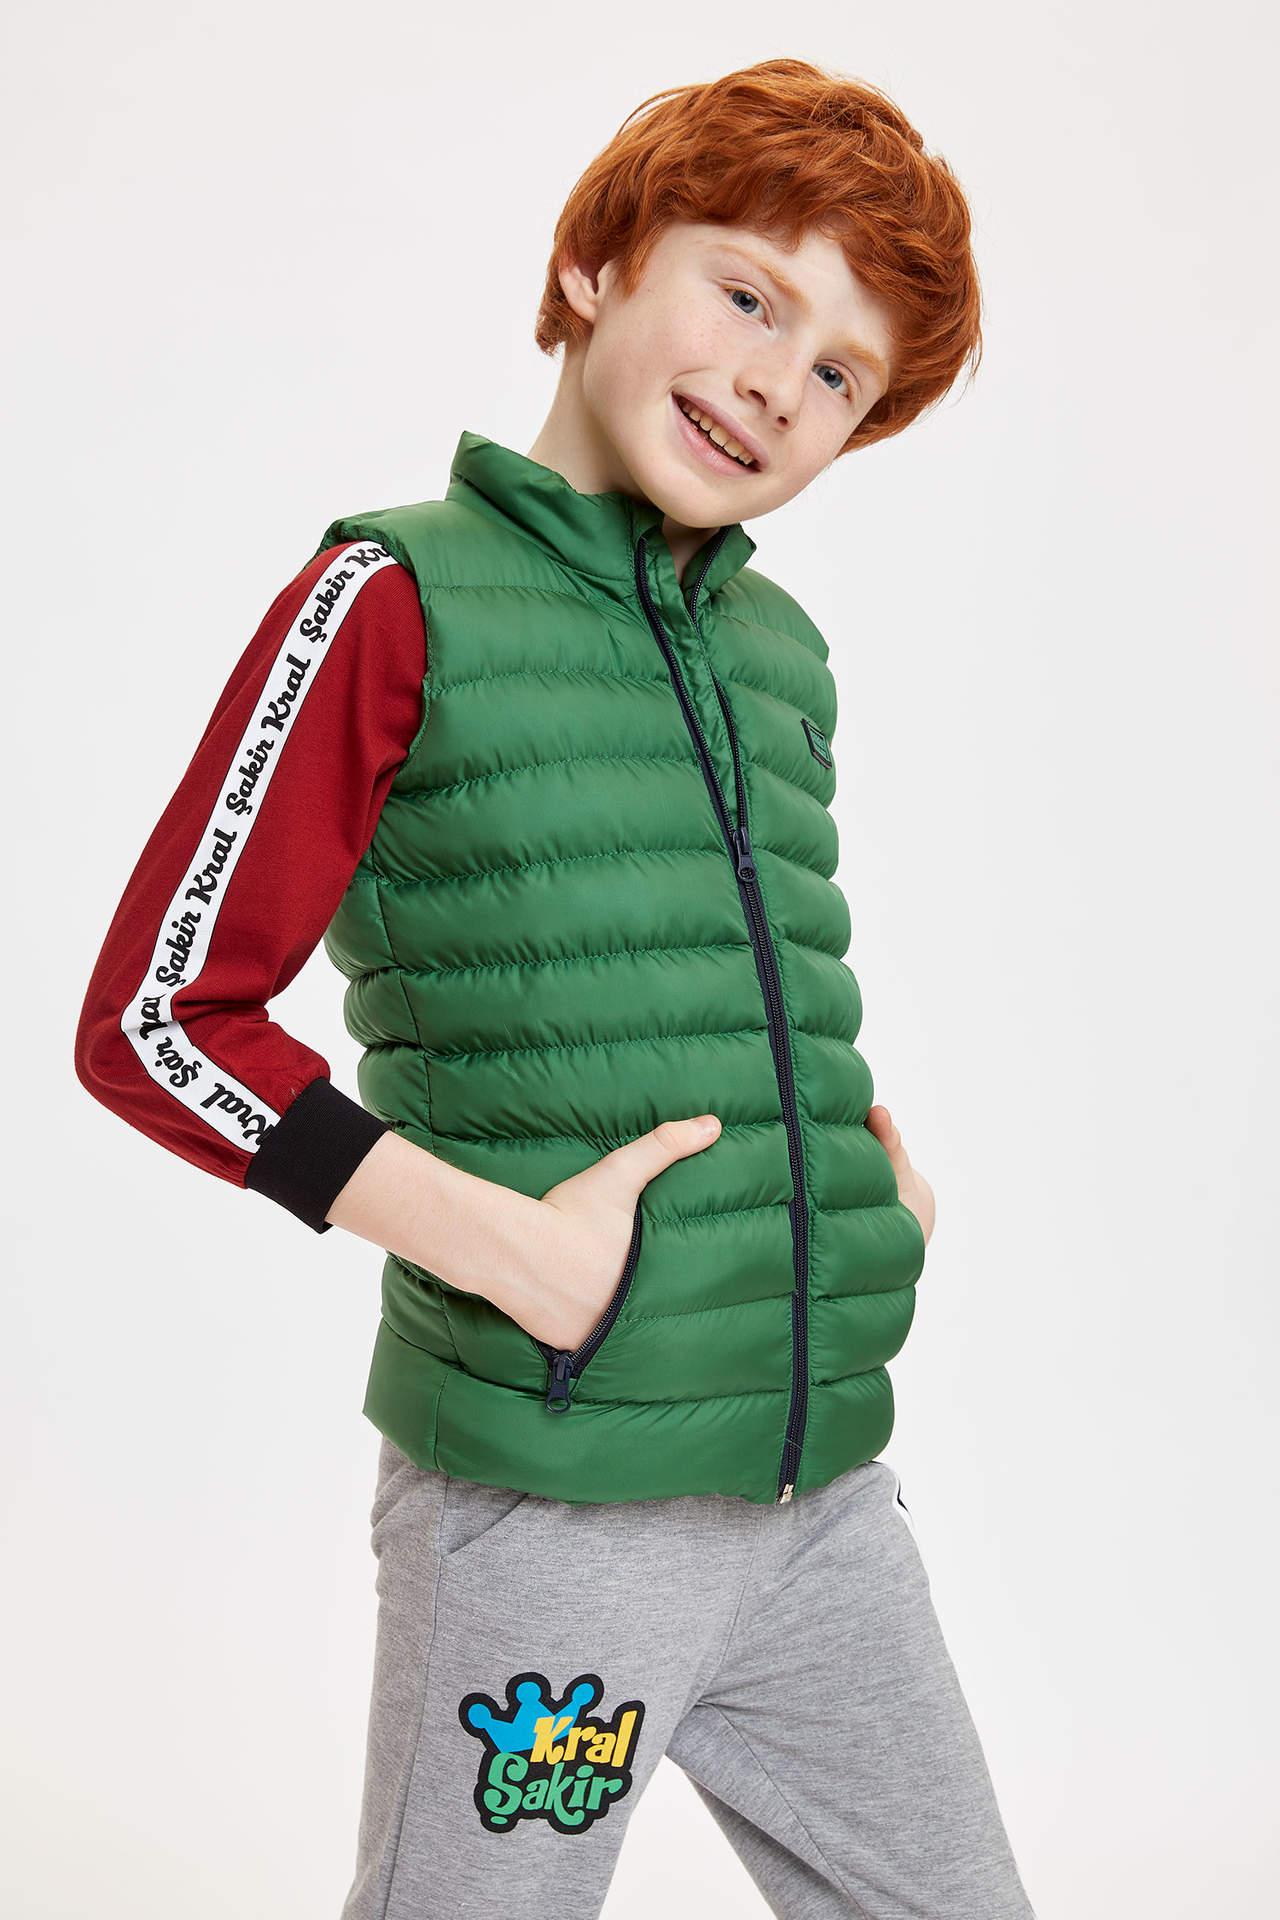 DeFacto Erkek Çocuk Basic Şişme Yelek Yeşil male